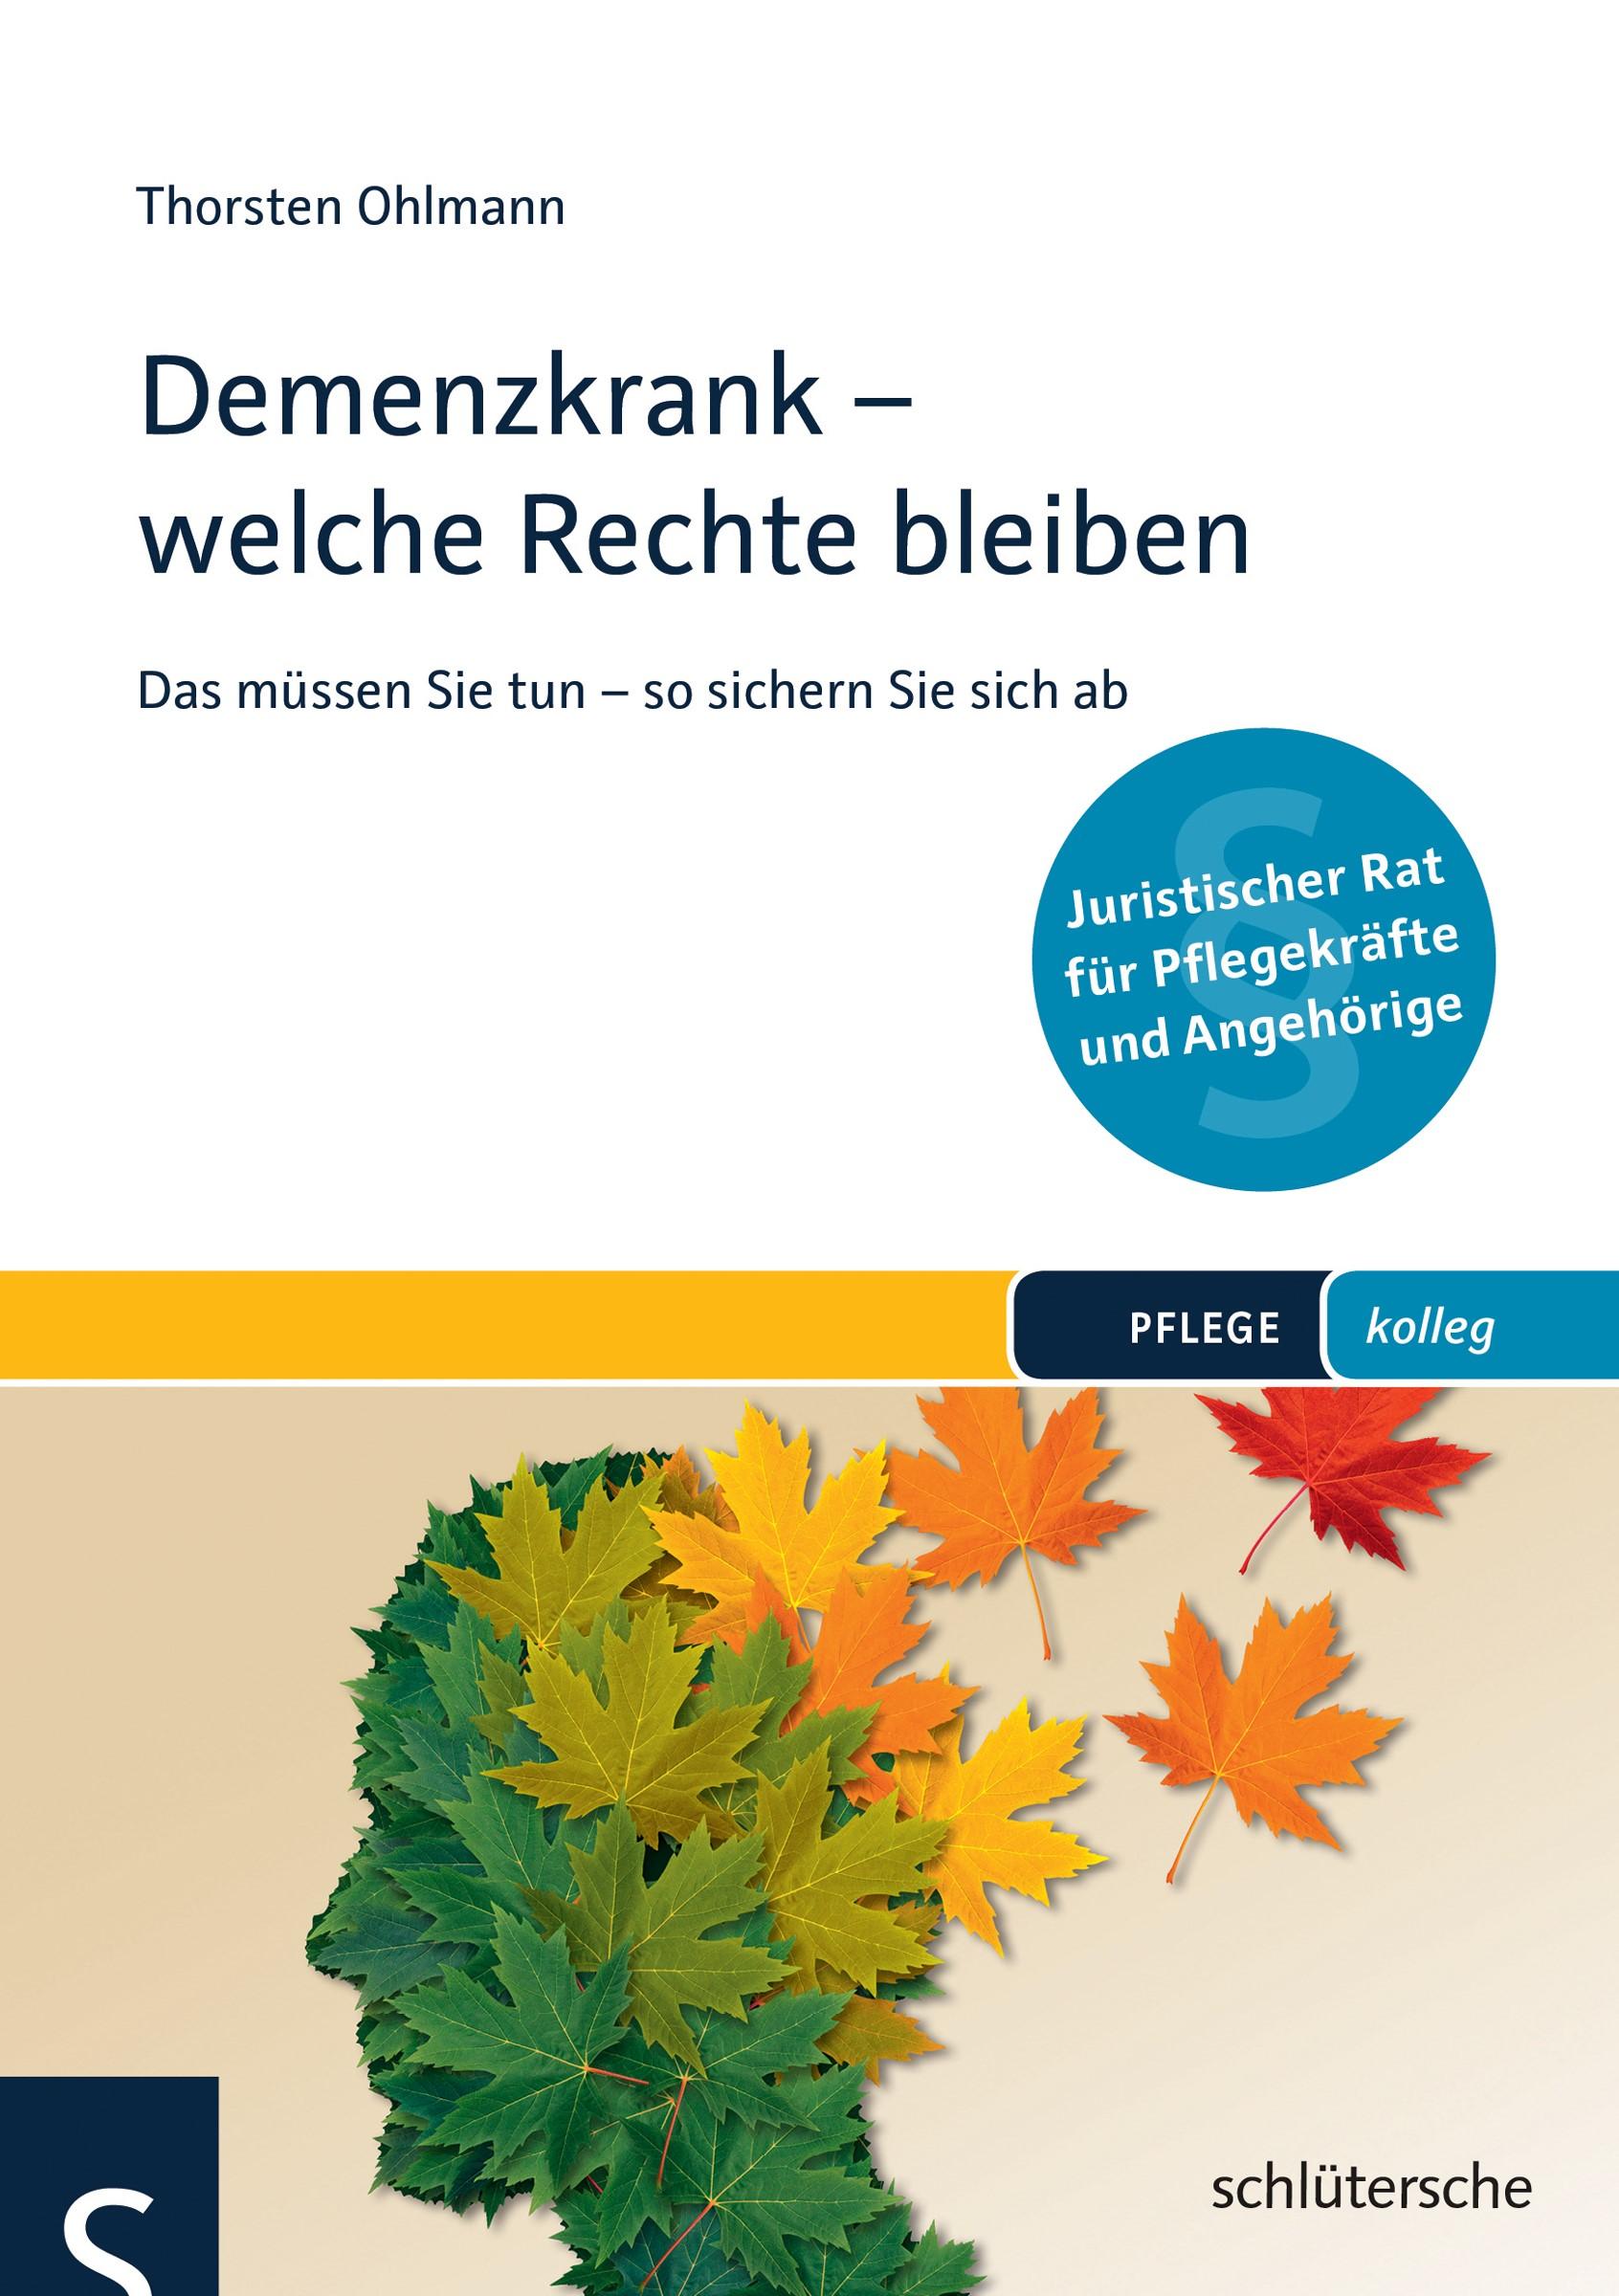 Demenzkrank - welche Rechte bleiben | Ohlmann, 2016 | Buch (Cover)